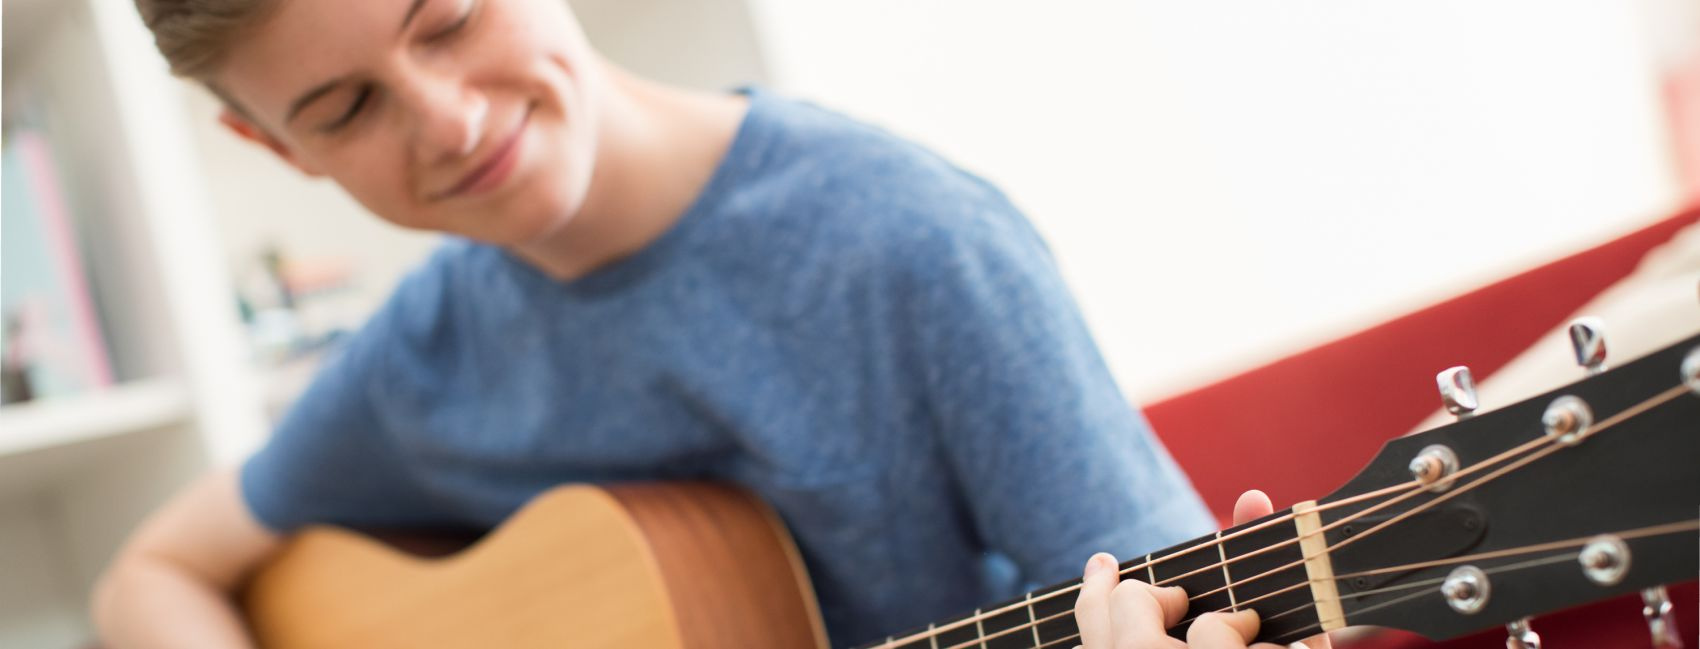 Ung gutt lærer seg å spille gitar gjennom musikkterapi hos Stenid.